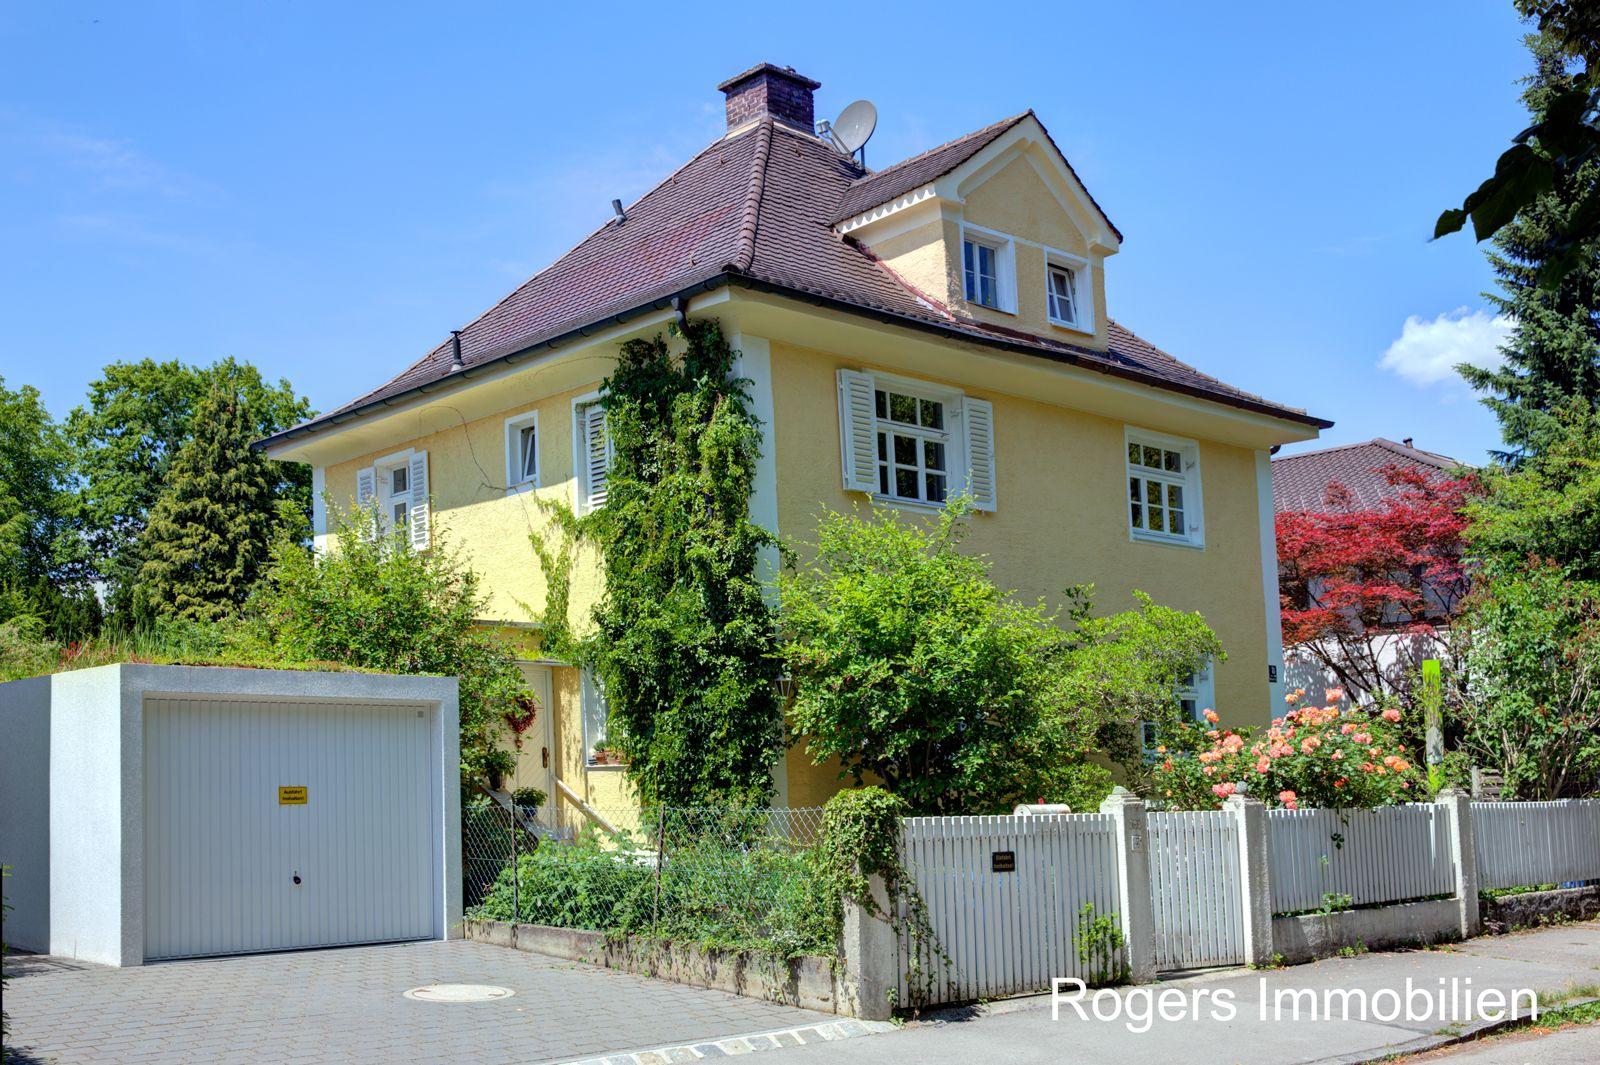 Schones Haus In Munchen Immobilienmakler Munchen Immobilienmakler Immobilien